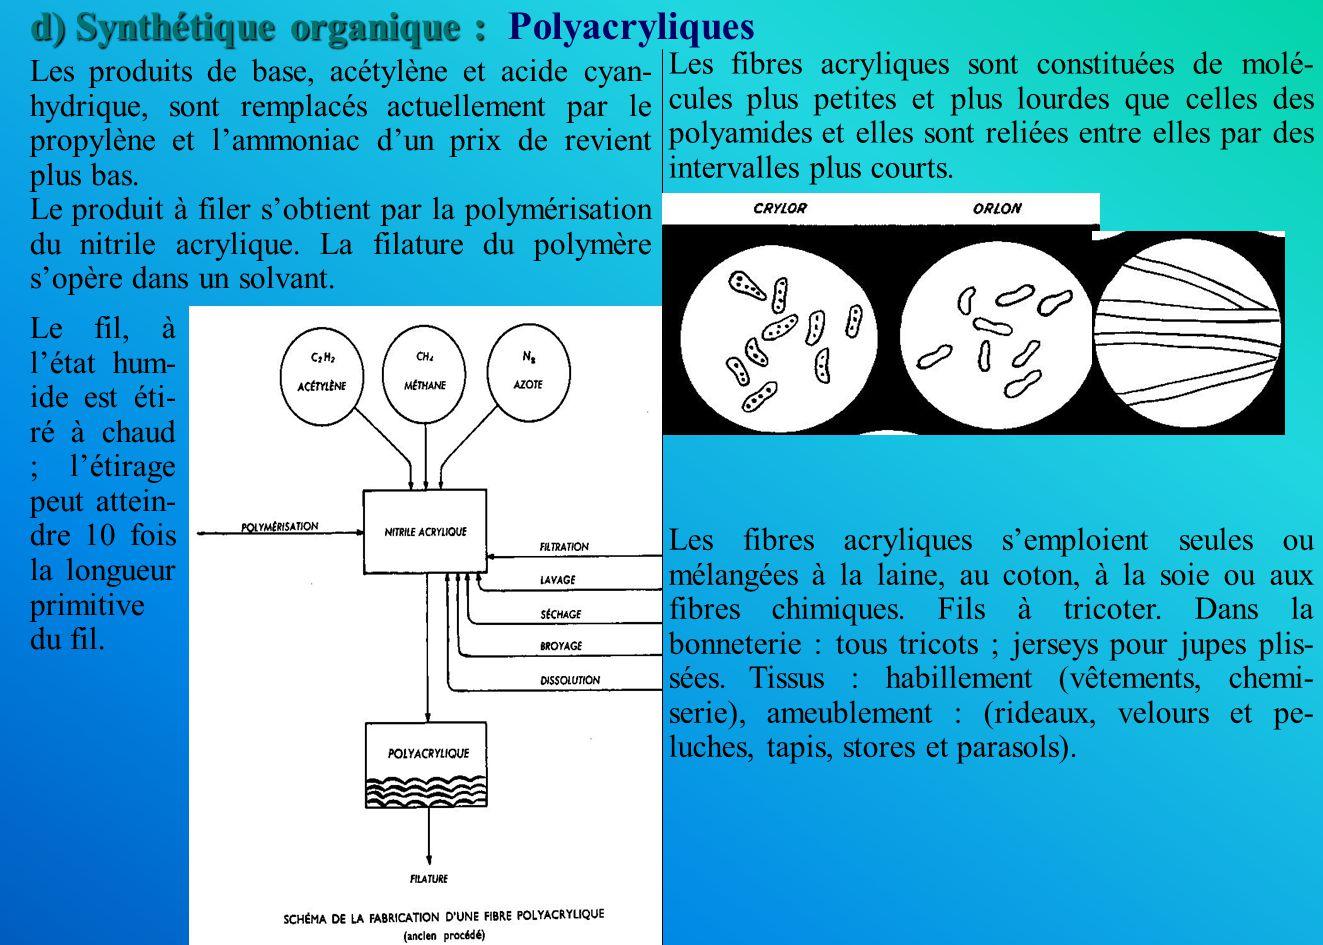 d) Synthétique organique : Polyacryliques